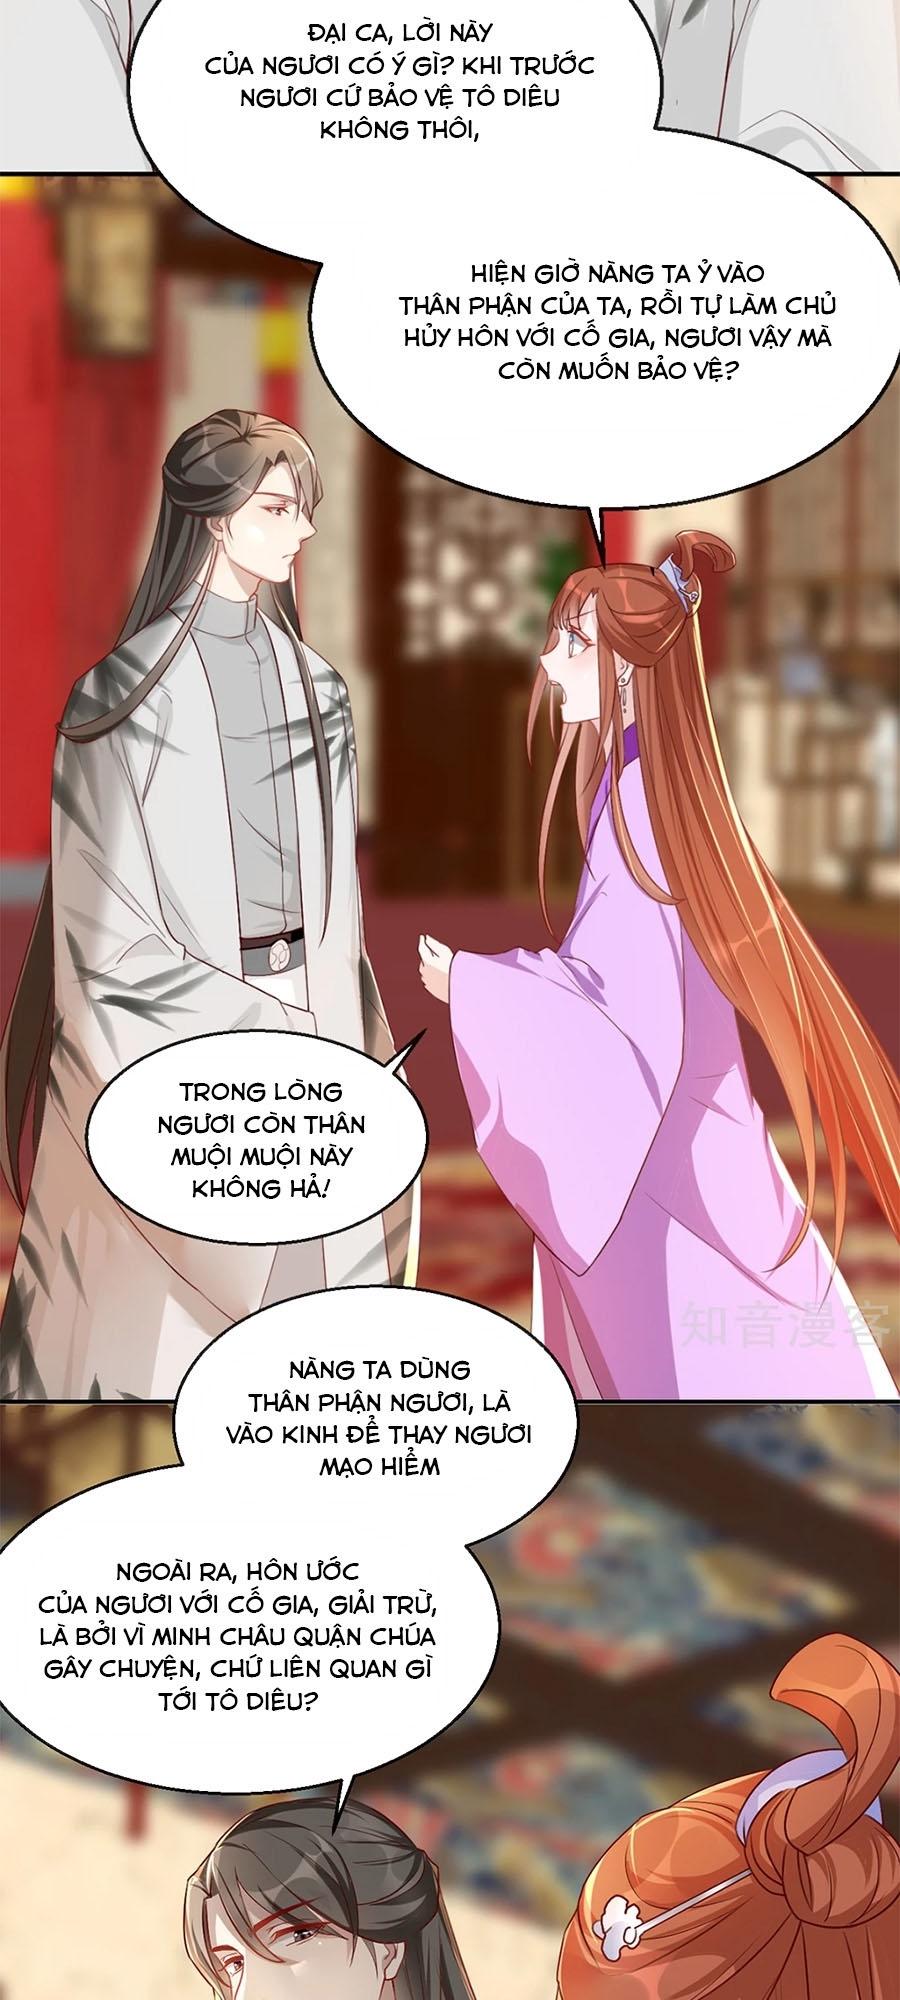 Gian Phi Như Thử Đa Kiều chap 34 - Trang 6